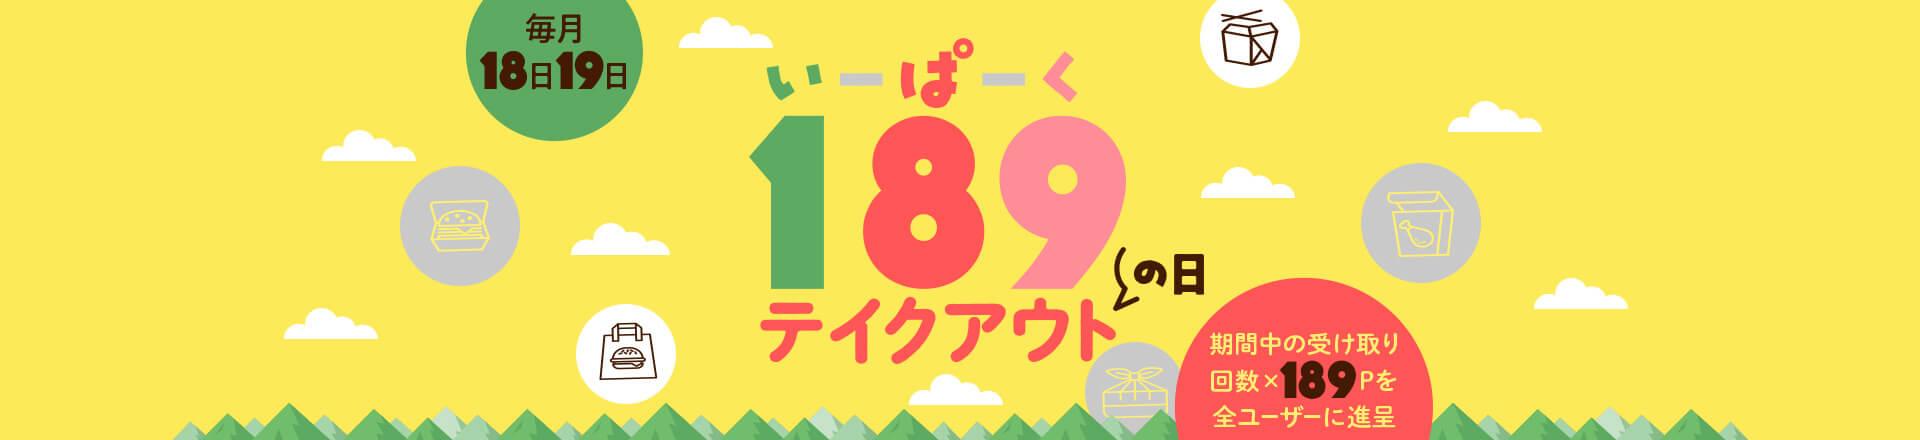 EPARKテイクアウトで1回受け取りで189ポイントが何度でも貰える。王将、吉野家、松屋、日高屋、デニーズが対象。毎月18-19日。